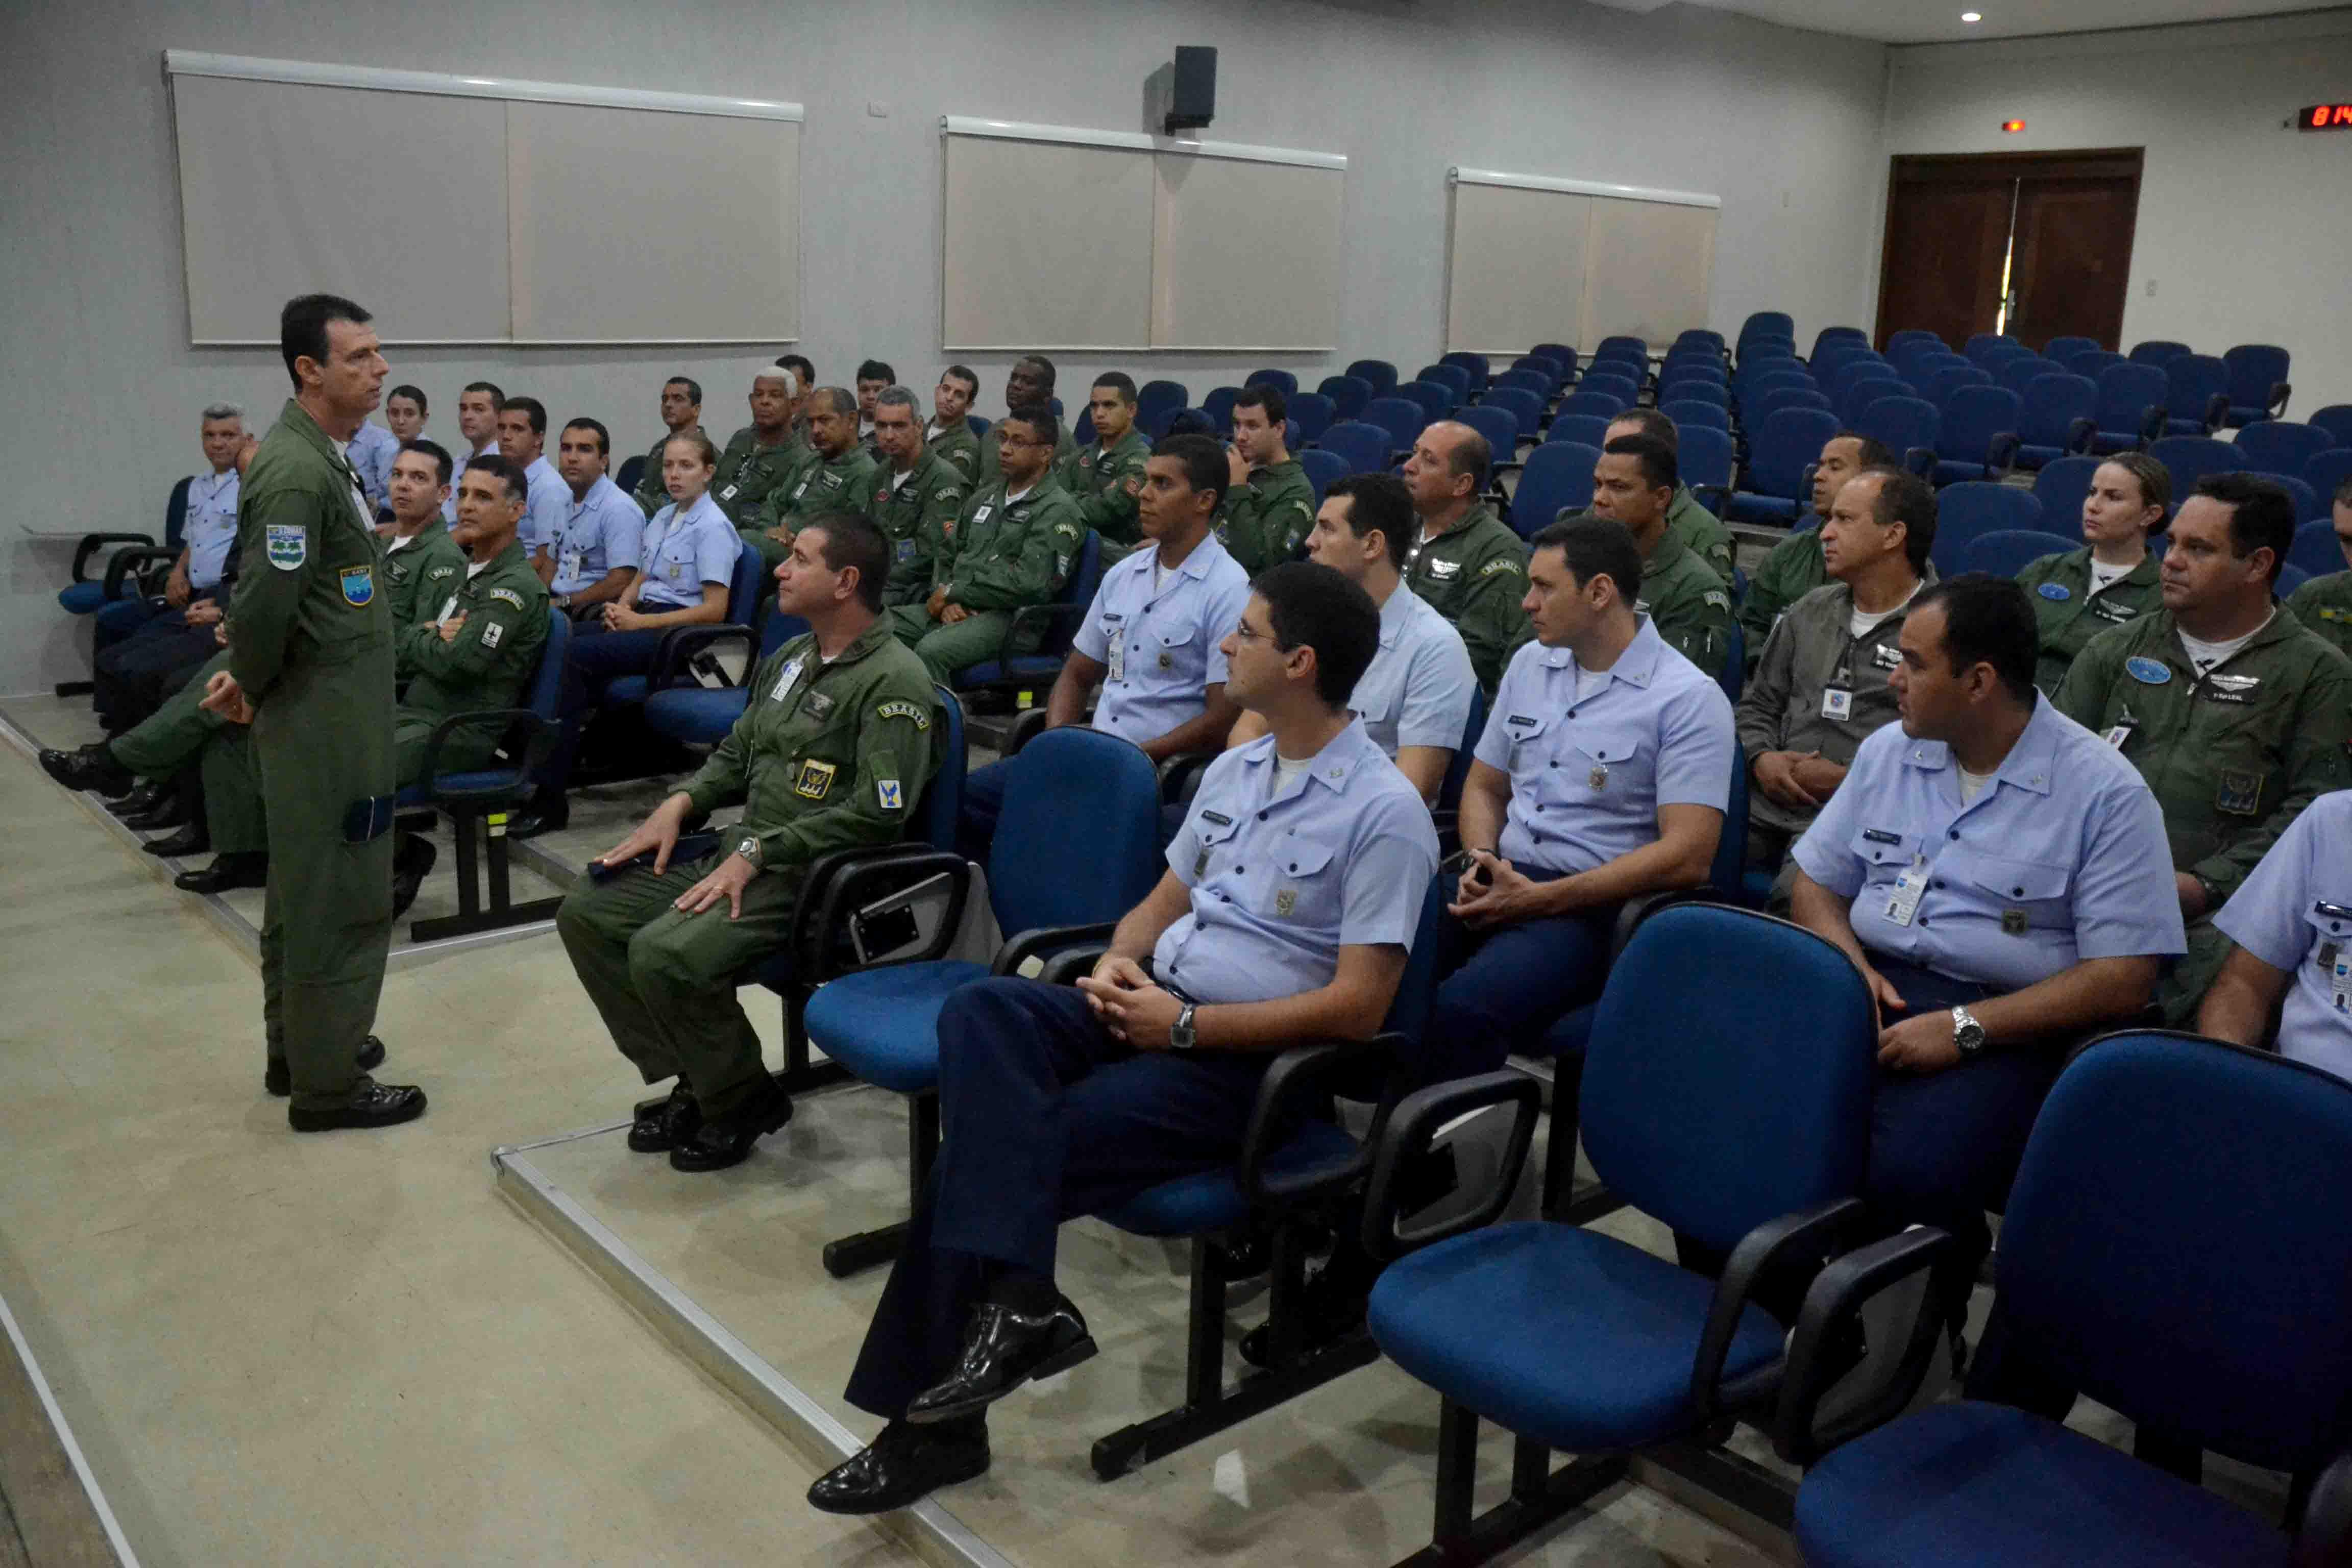 Temas relacionados à segurança de voo foram discutidos na capacitação